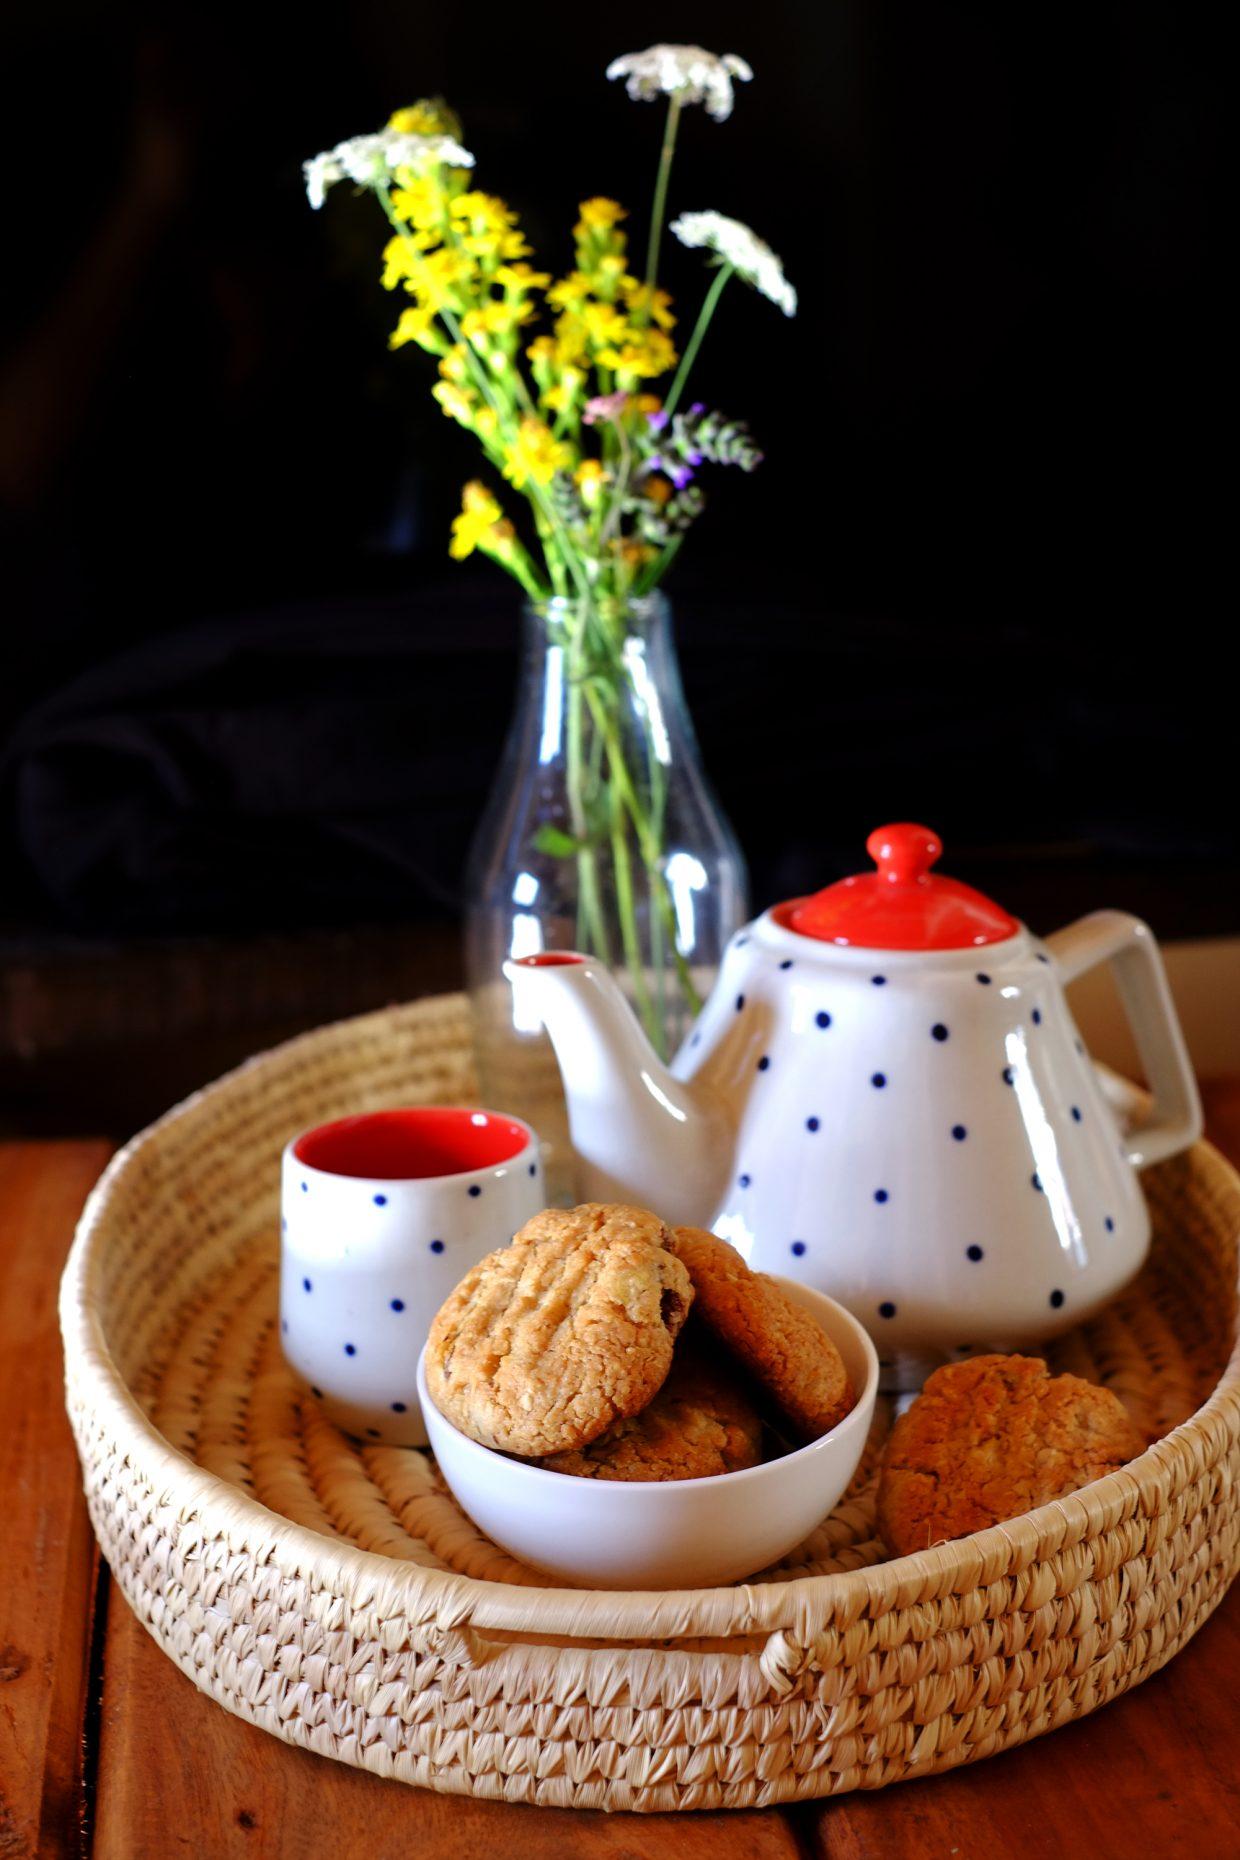 Biscotti alla farina d'avena con mele e uvetta 19